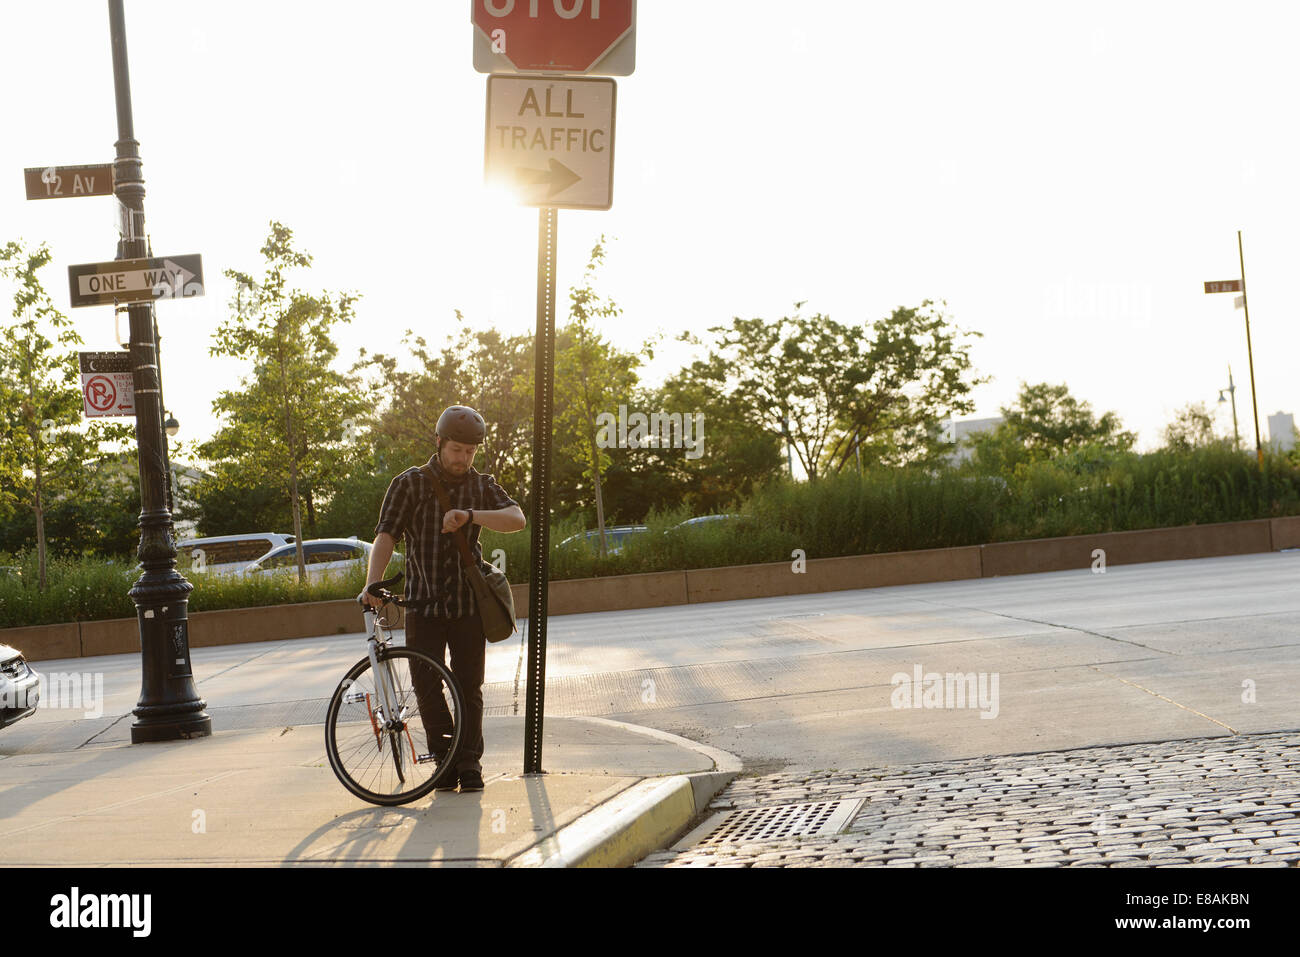 Ciclo maschio messenger tempo di controllo su strada Foto Stock